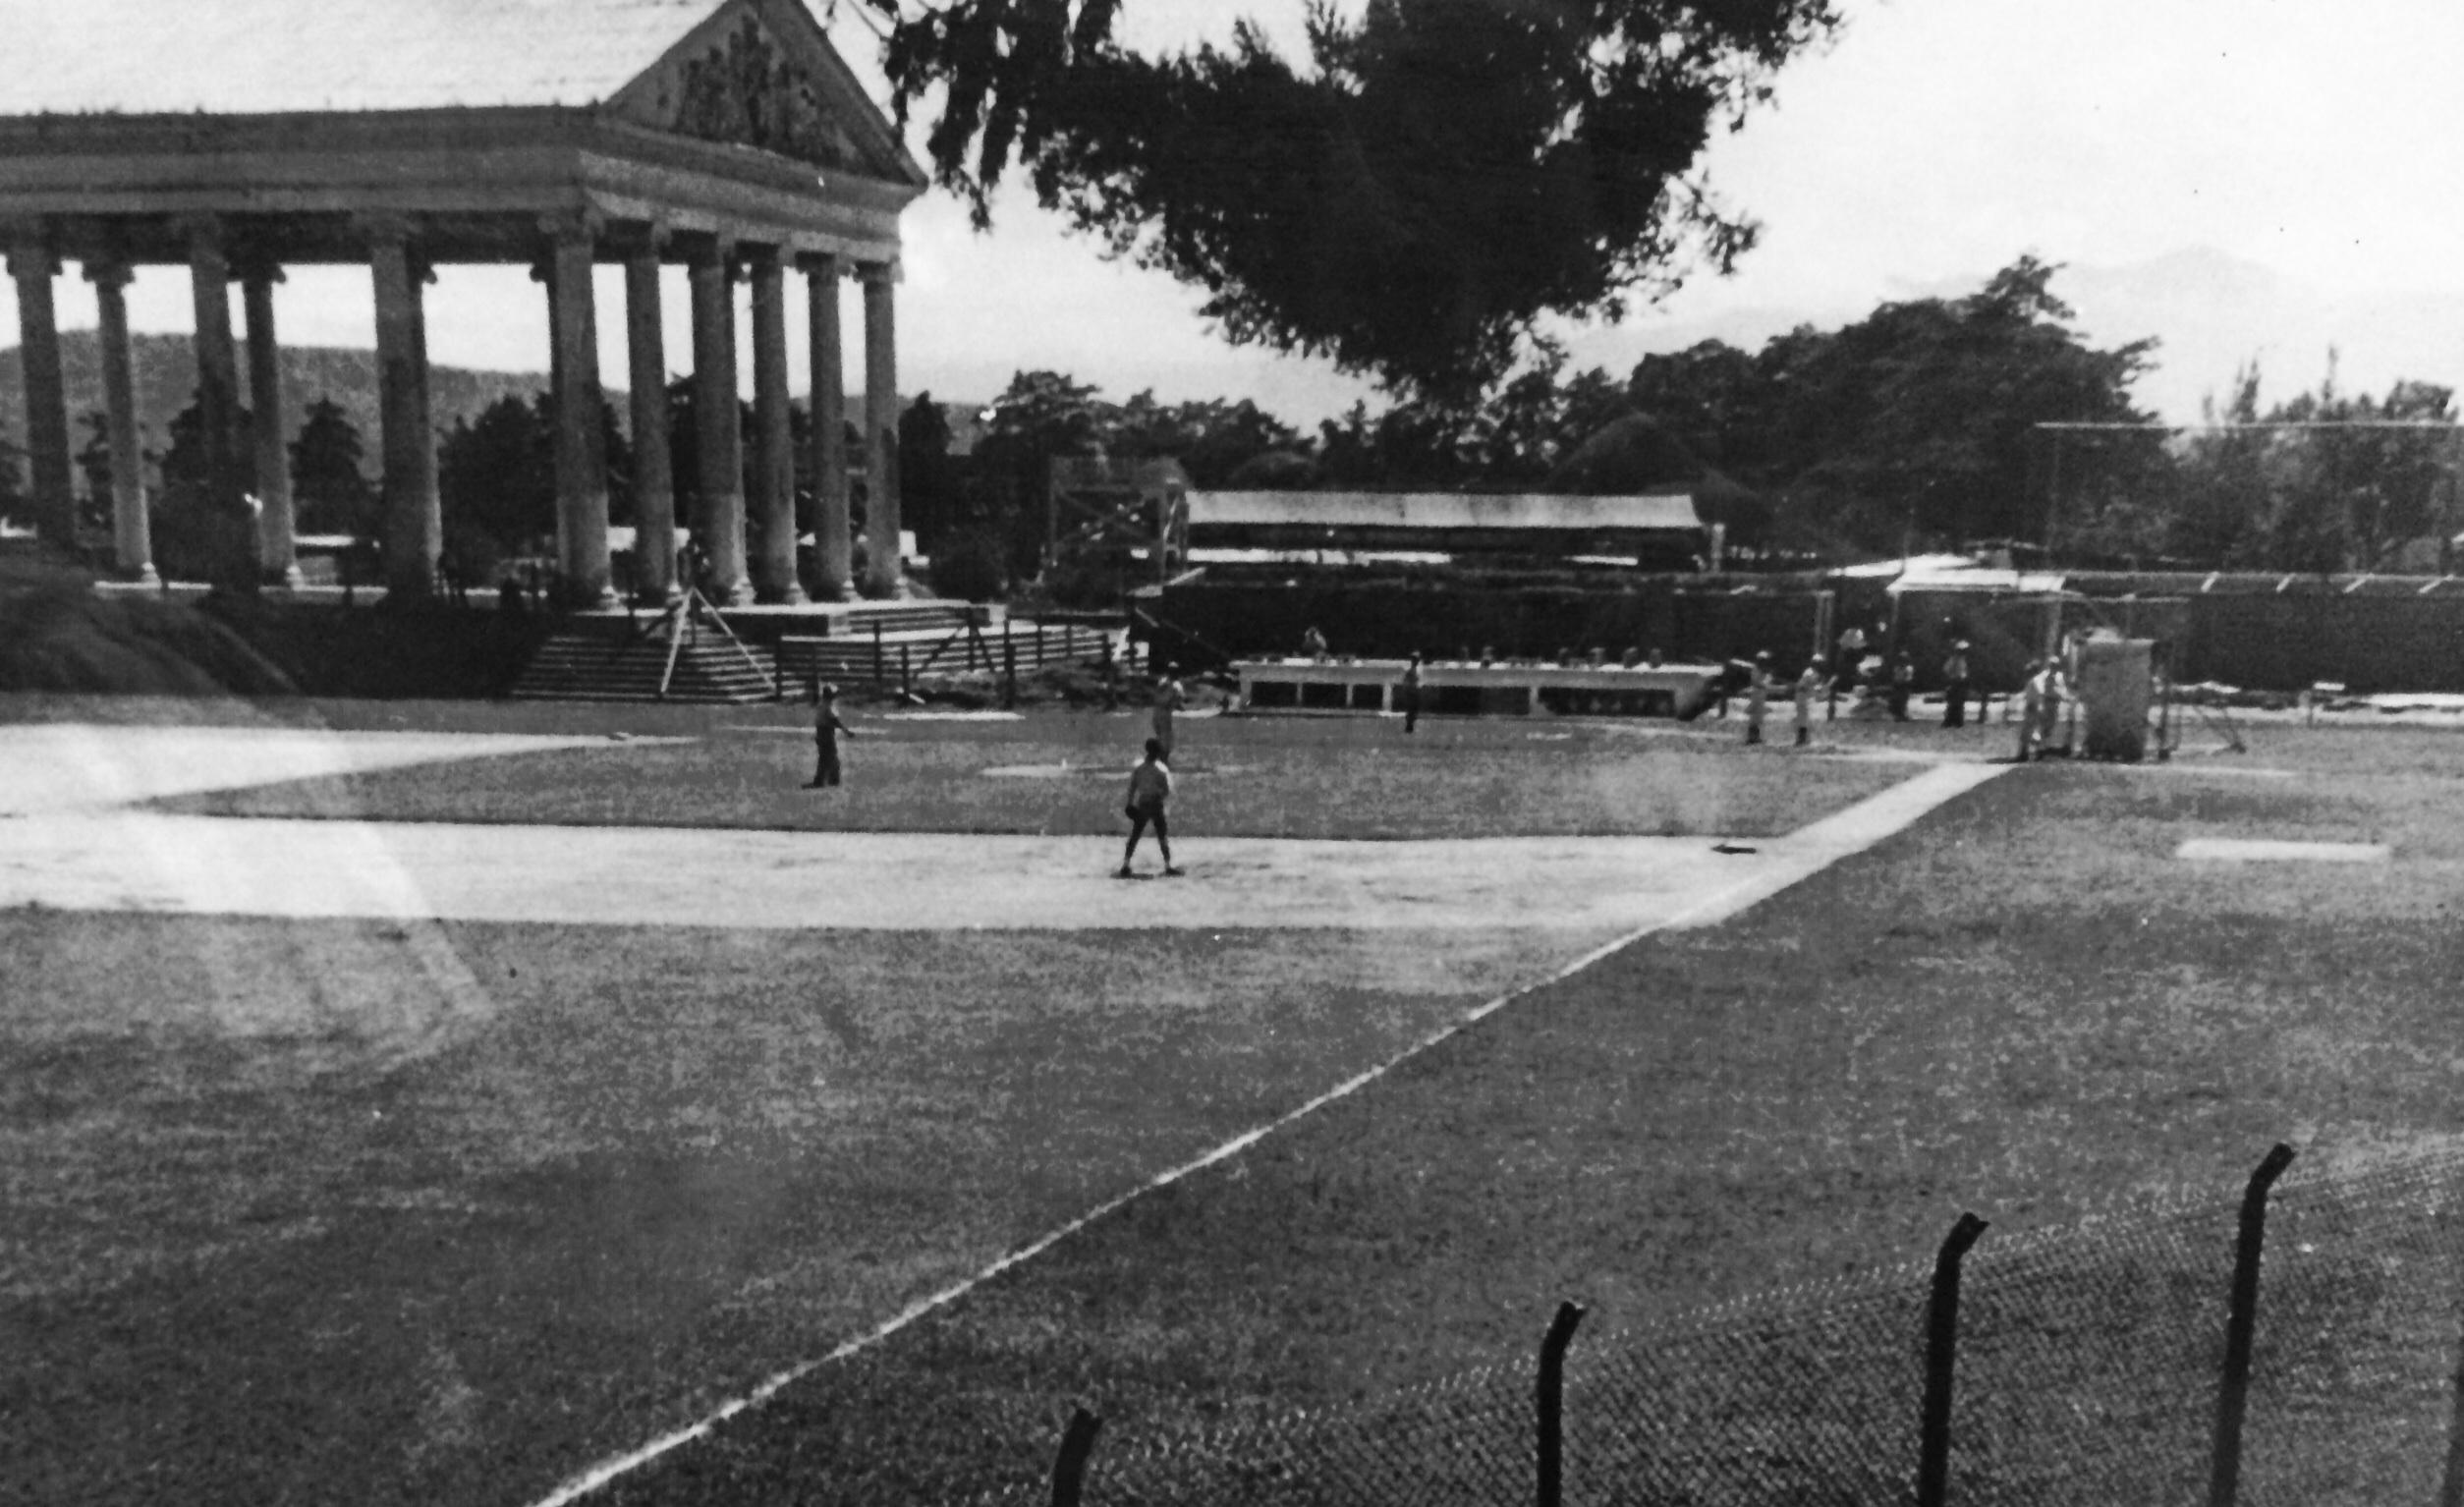 Templo de Minerva y parque de Beisbol en 1940.